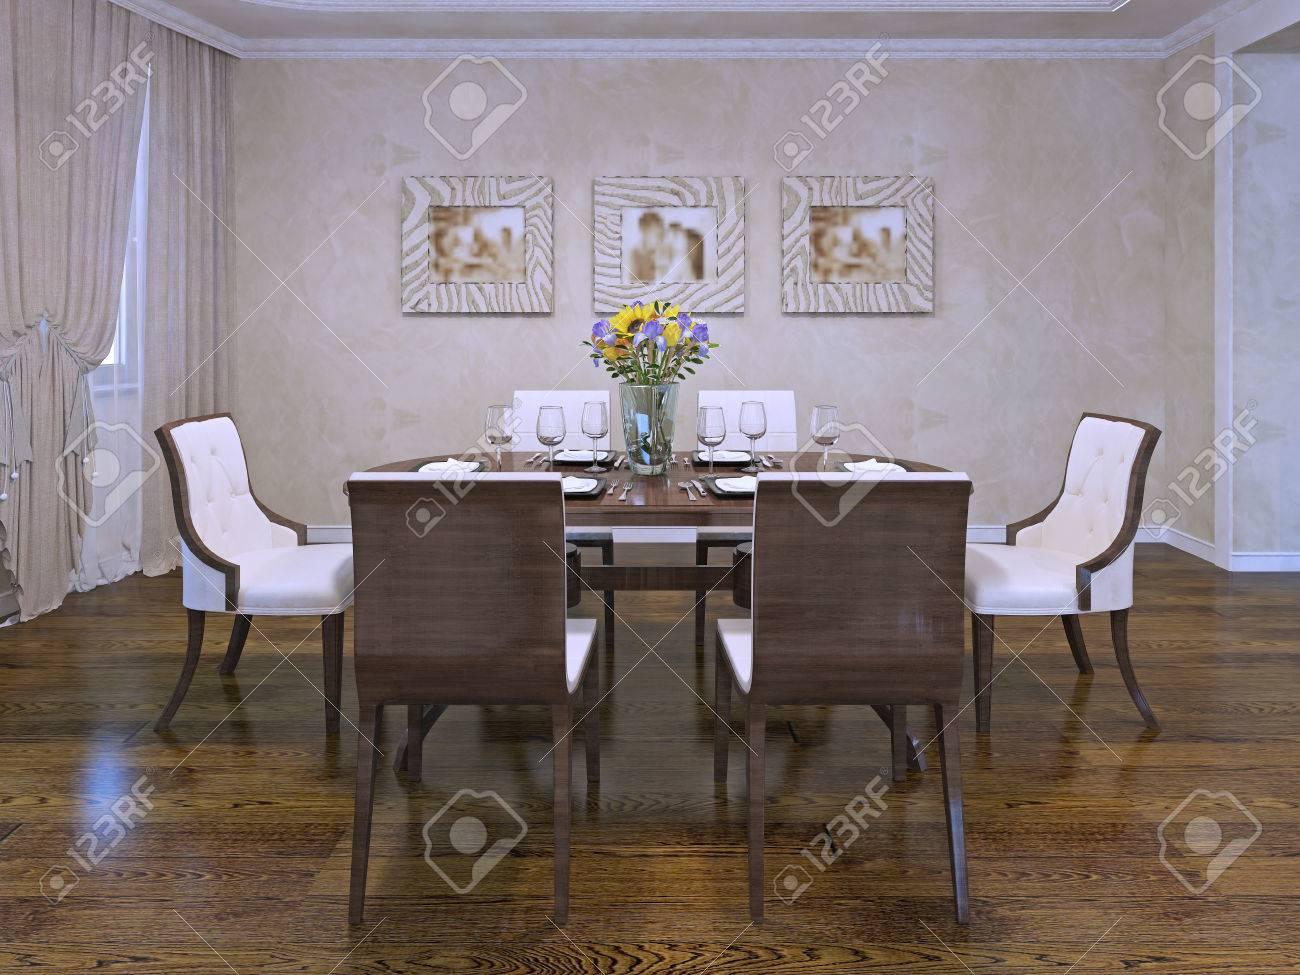 Design Of Esszimmer In Privathaus. Schöne Weiße Stühle Mit Holz ...